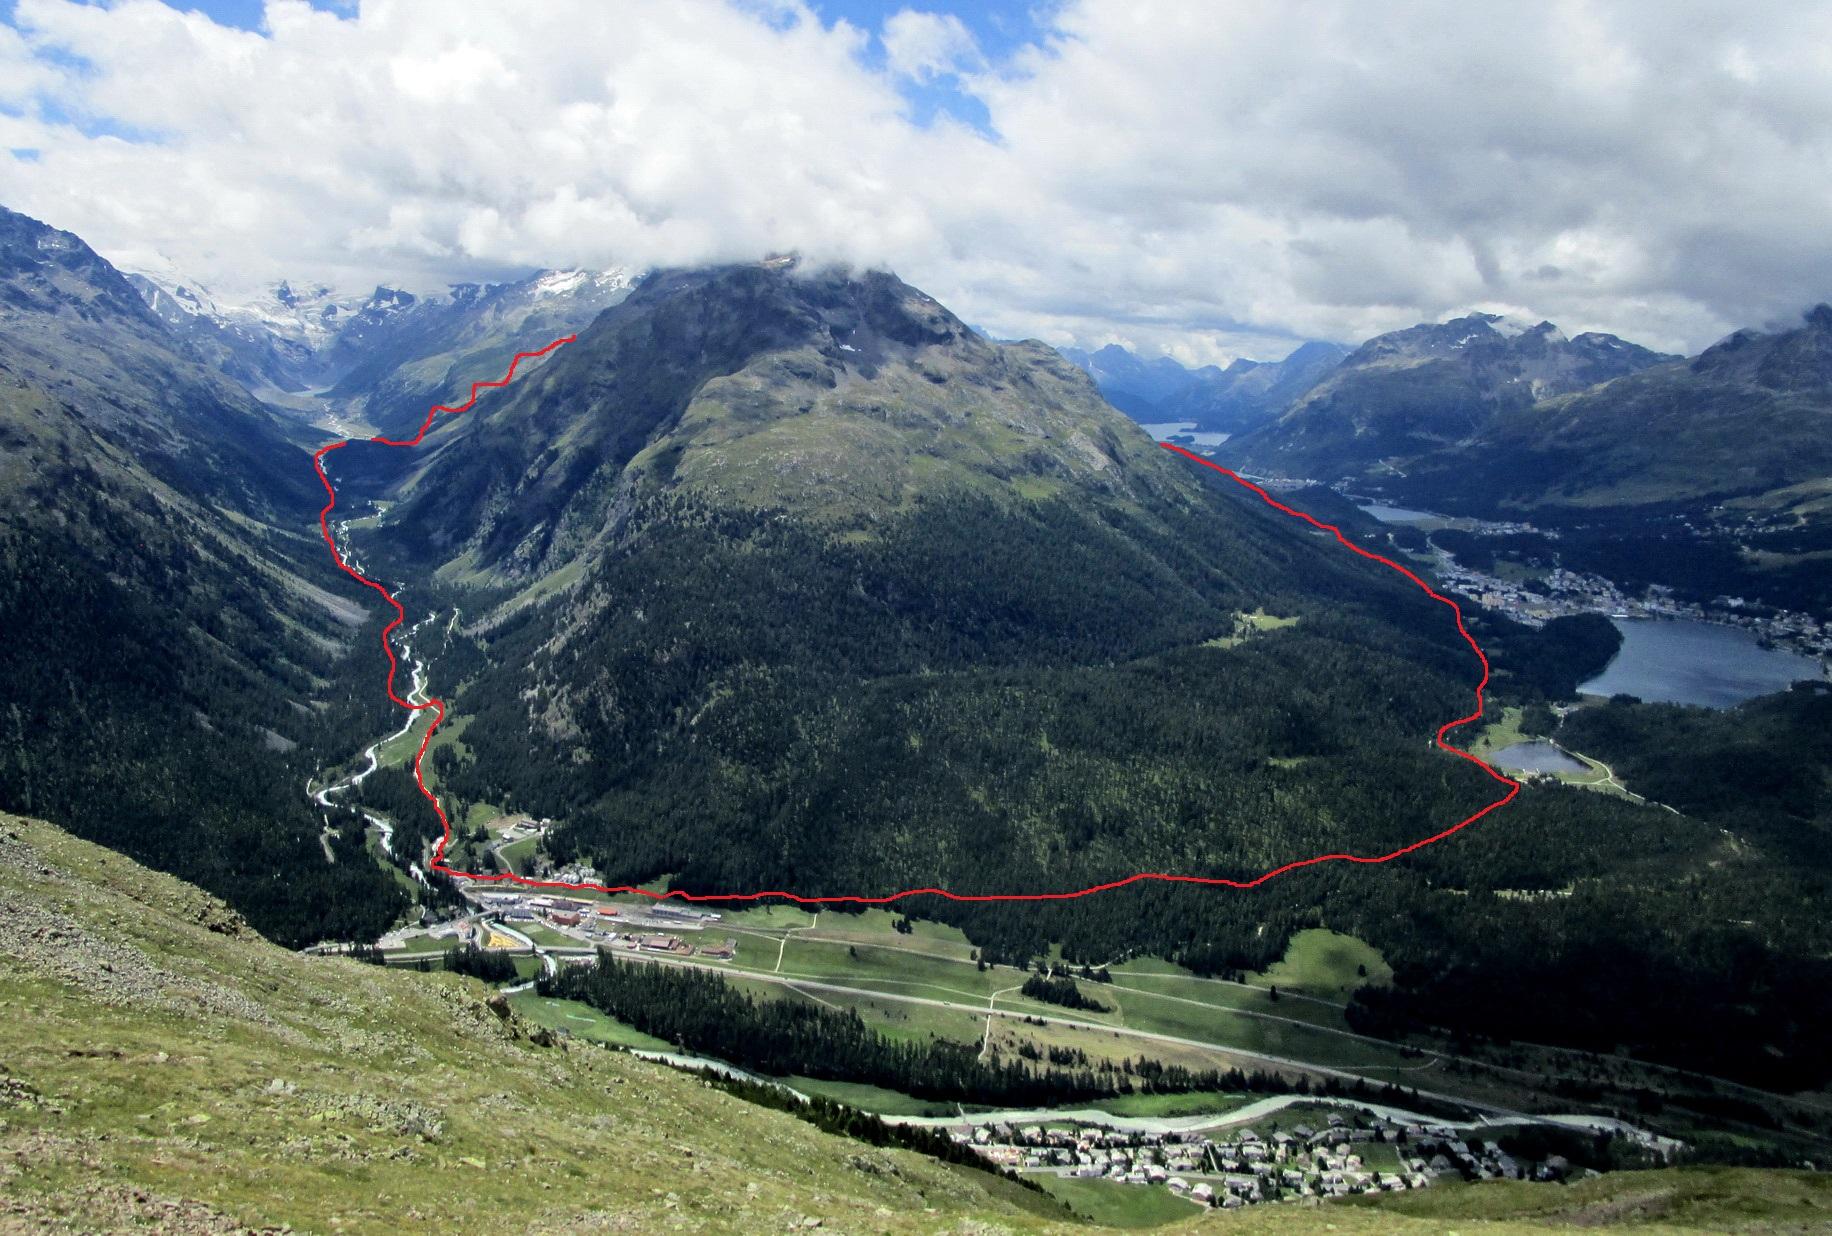 vpravo_St._Moritz,_vľavo_Val_Roseg,_červenou_spomínaná_trasa,_foto_archív_M.B._pohľad_od_Segantinihutte